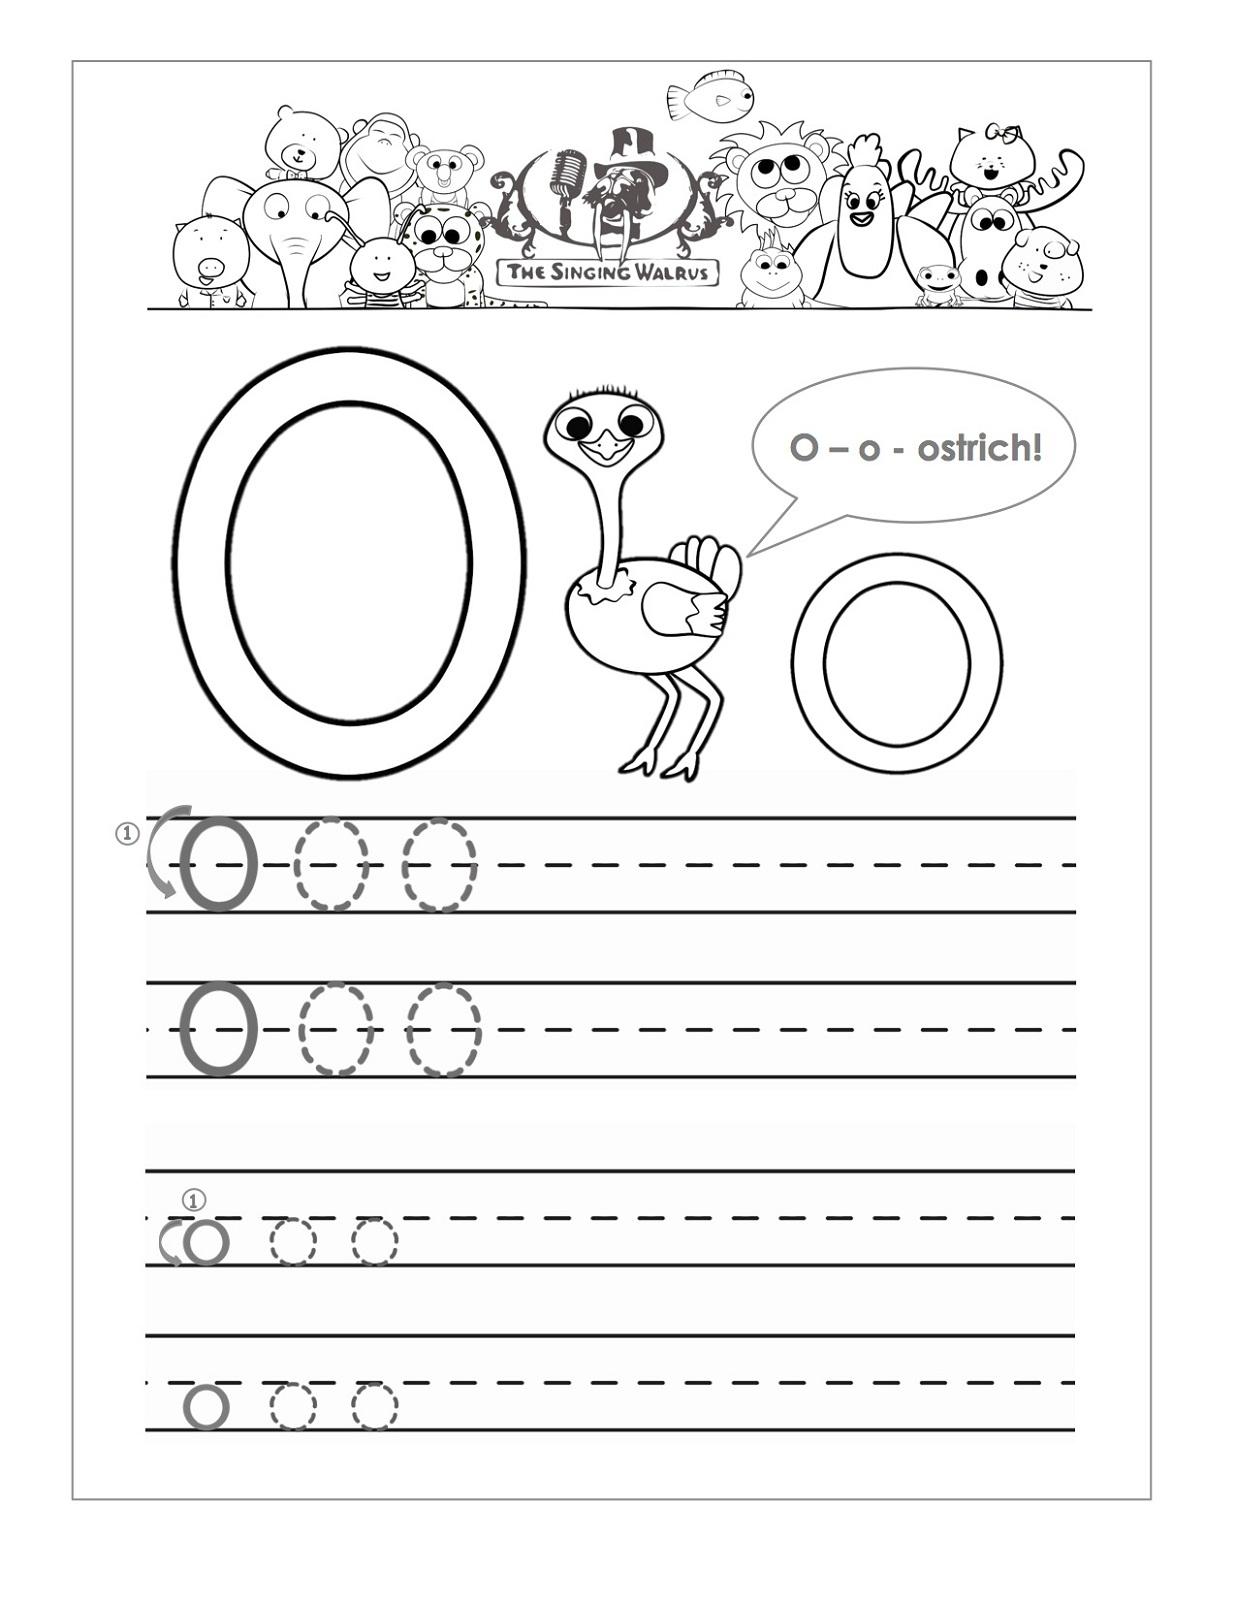 Letter O Worksheets For Preschool   Activity Shelter throughout Letter O Worksheets